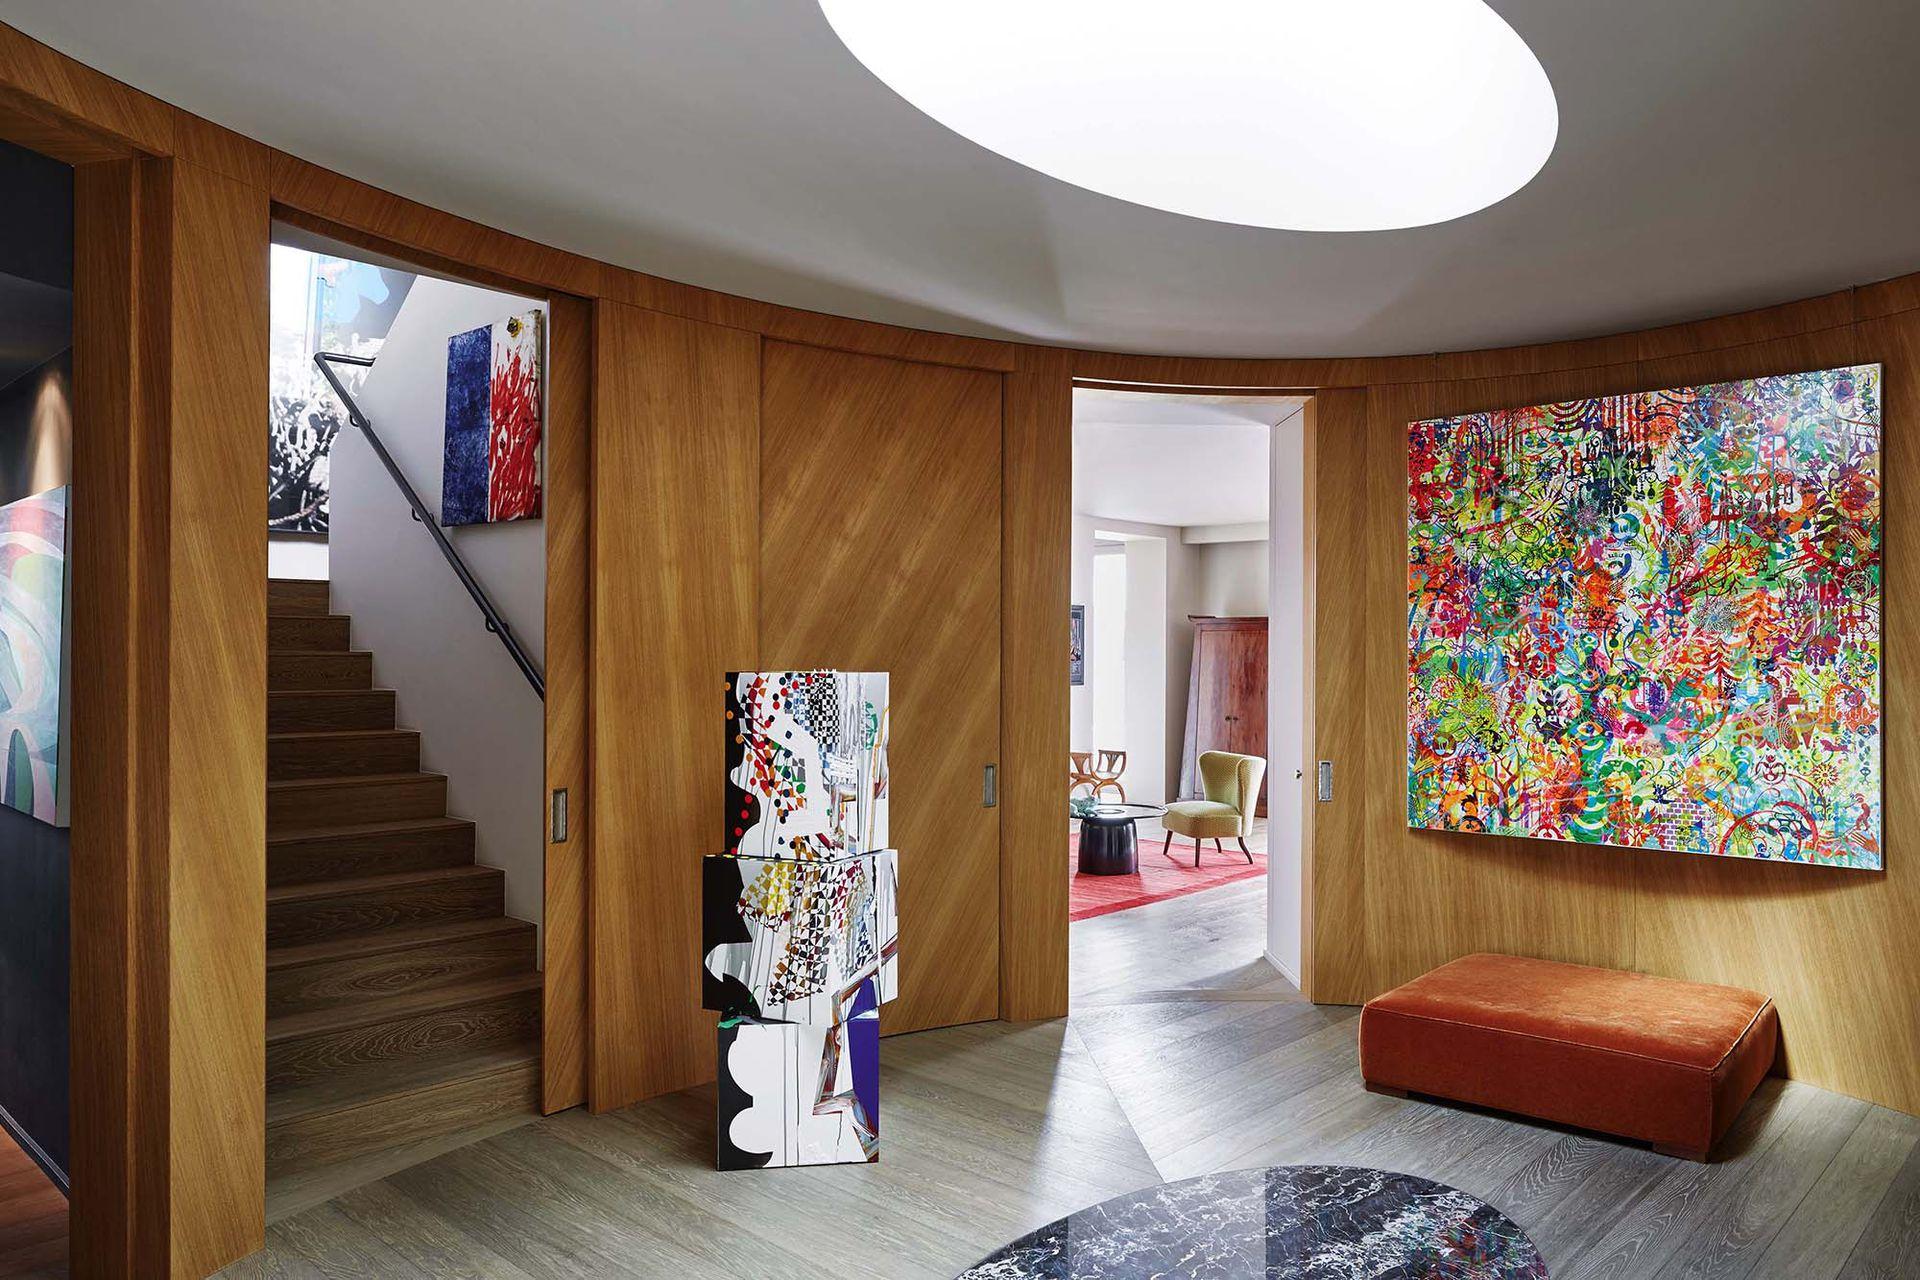 El hall es el centro neurálgico de la casa. En medio del piso de roble ahumado, un óvalo de mármol reitera la forma de la claraboya que ilumina todos los ambientes.